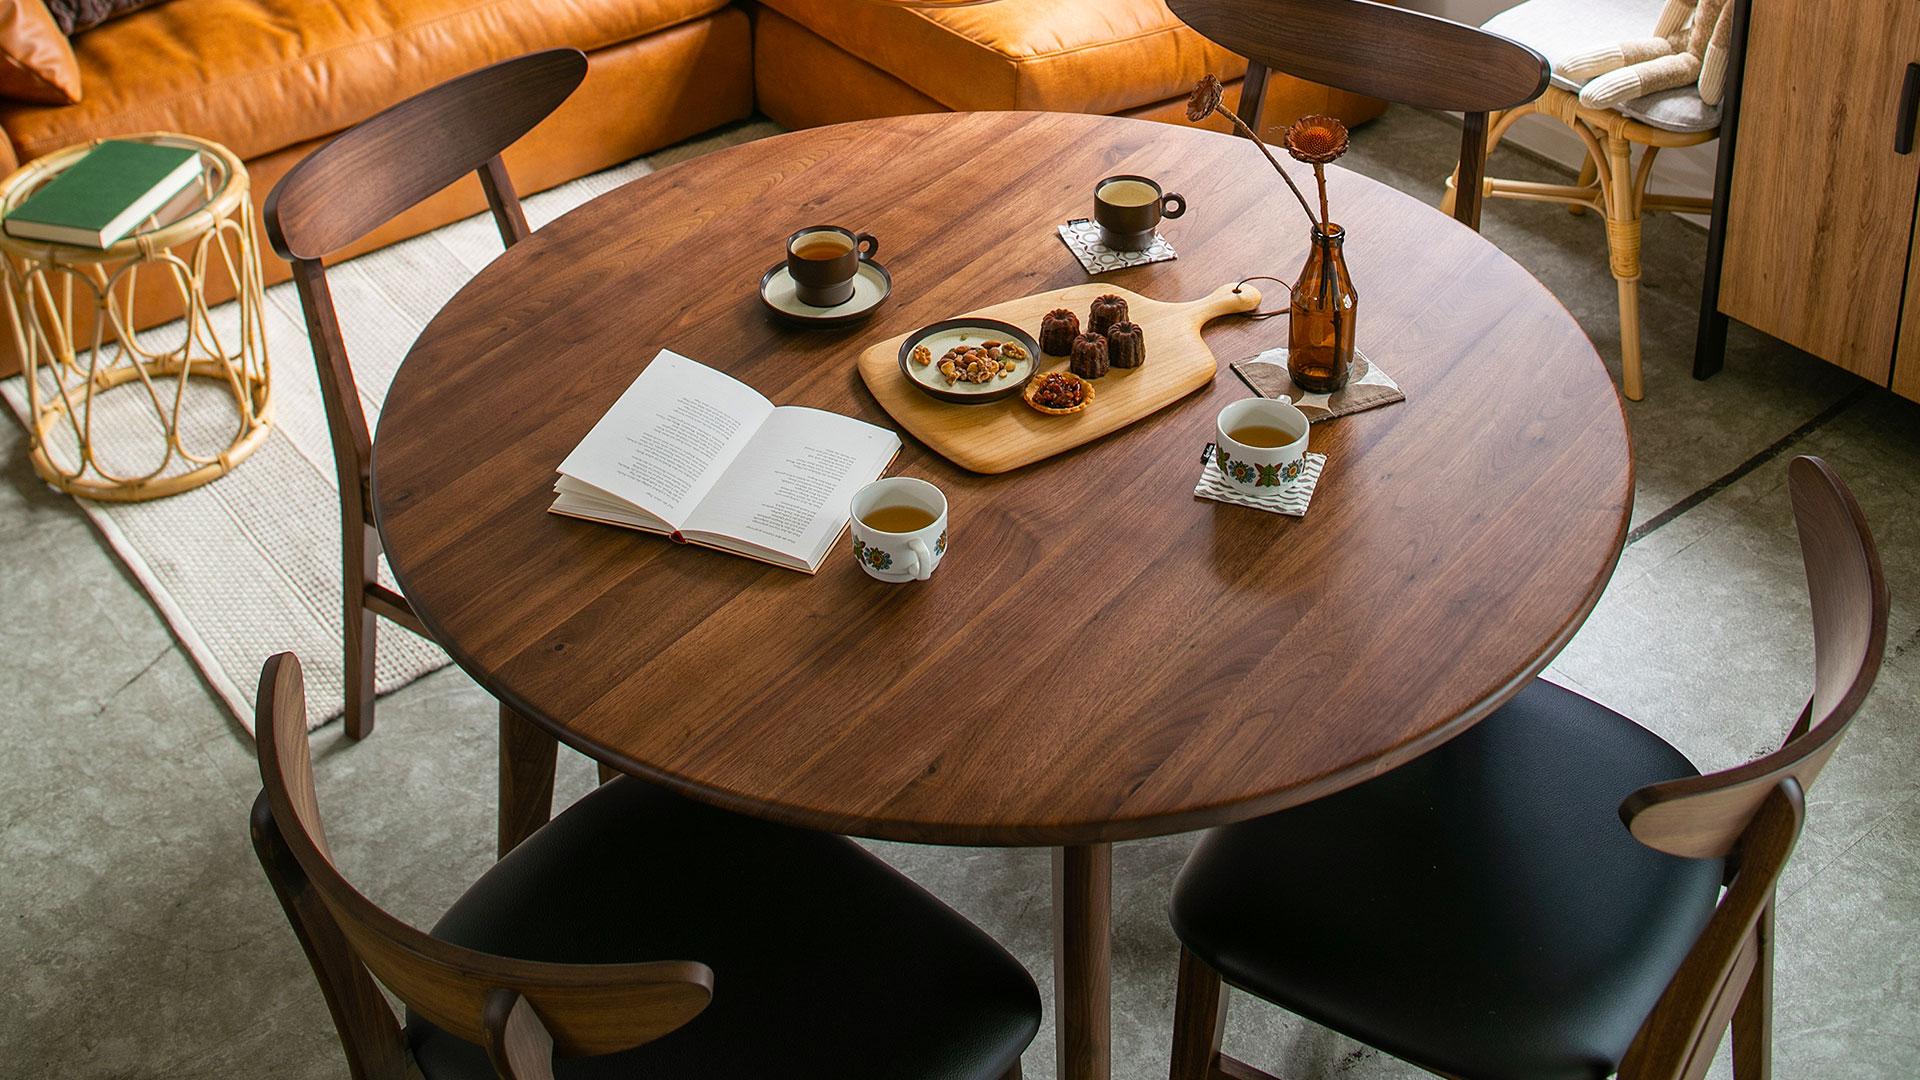 リビンズのダイニングテーブル「エマール」の円形テーブルの展示の画像